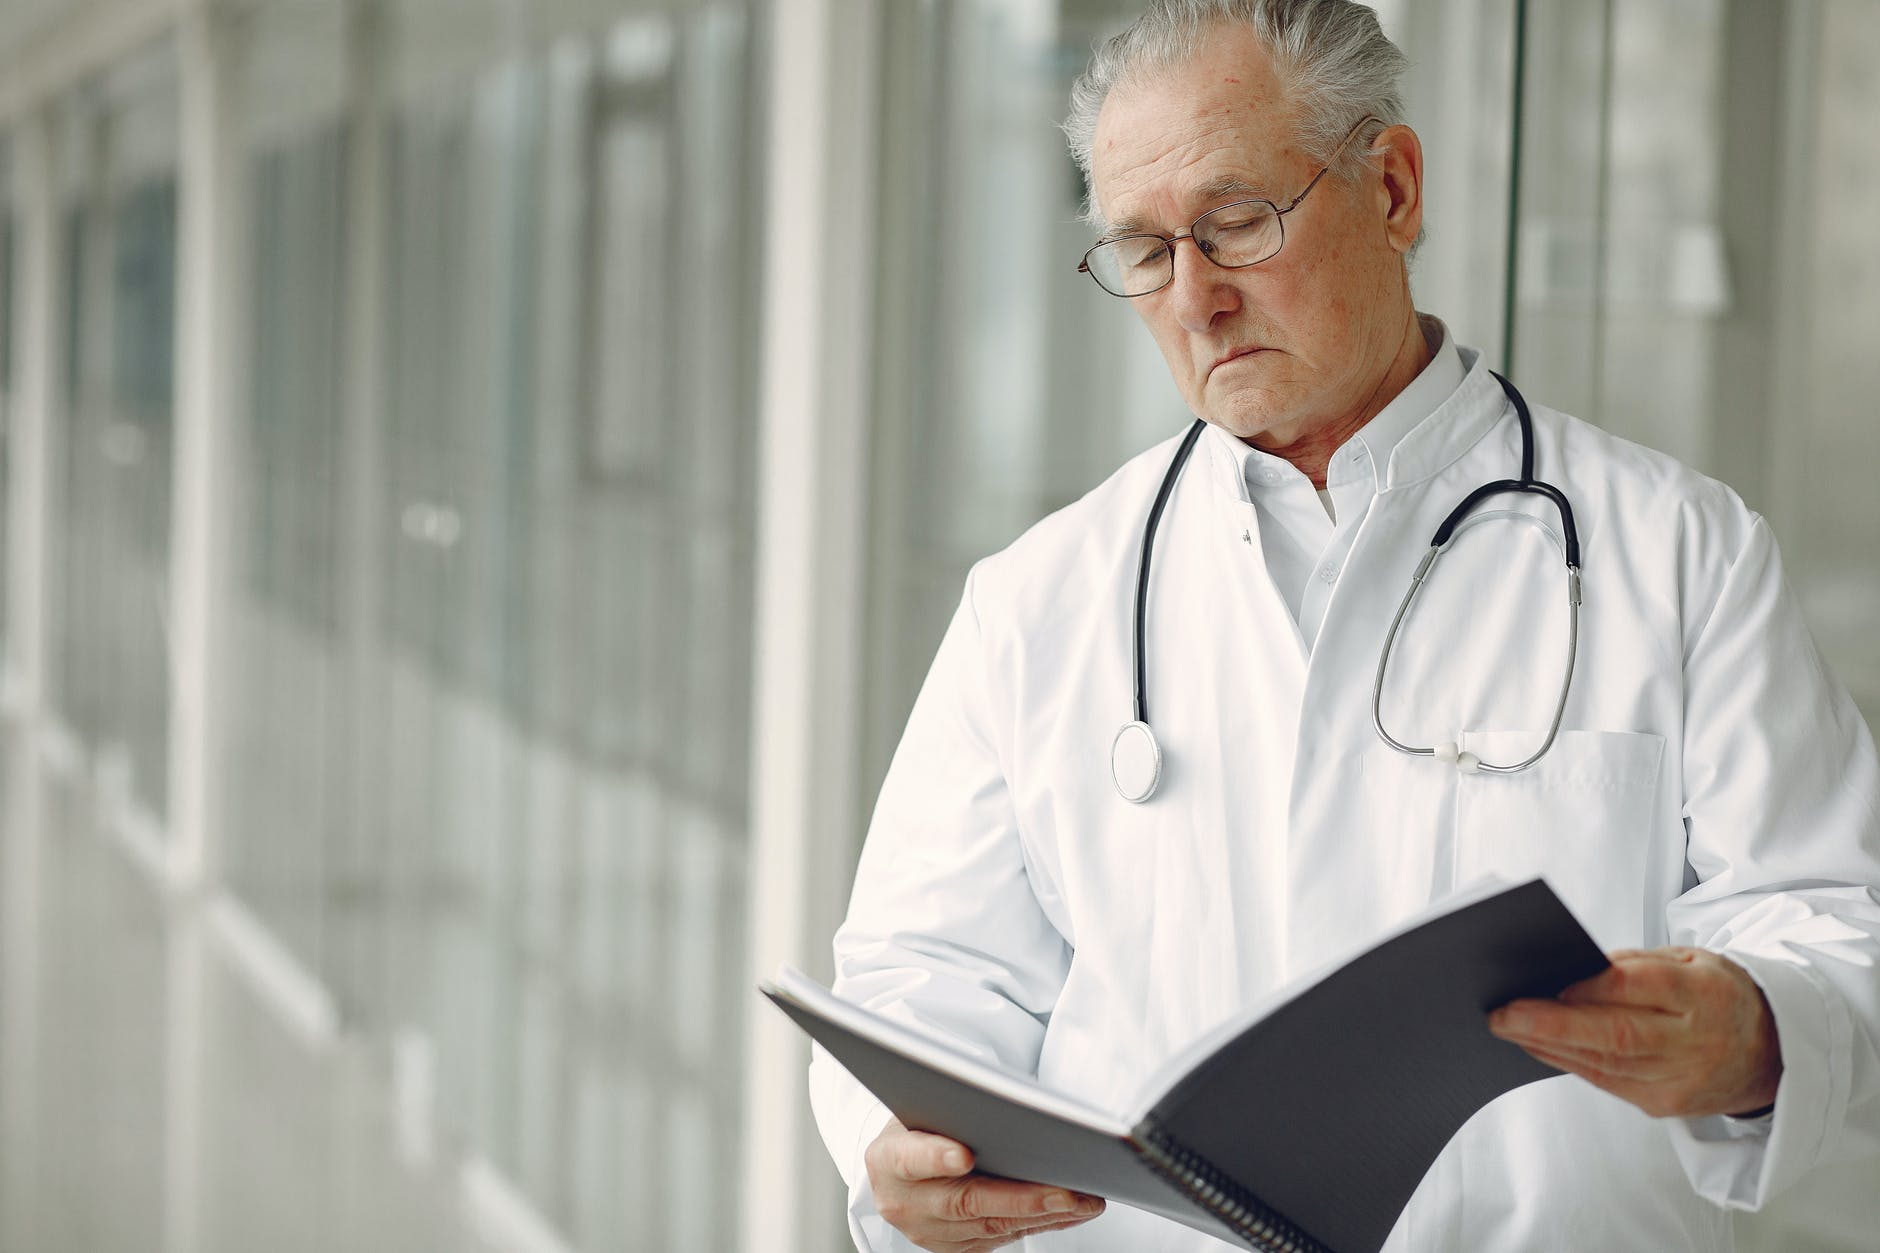 Plaintiffs Say University Let Vet Perform Surgical Duties